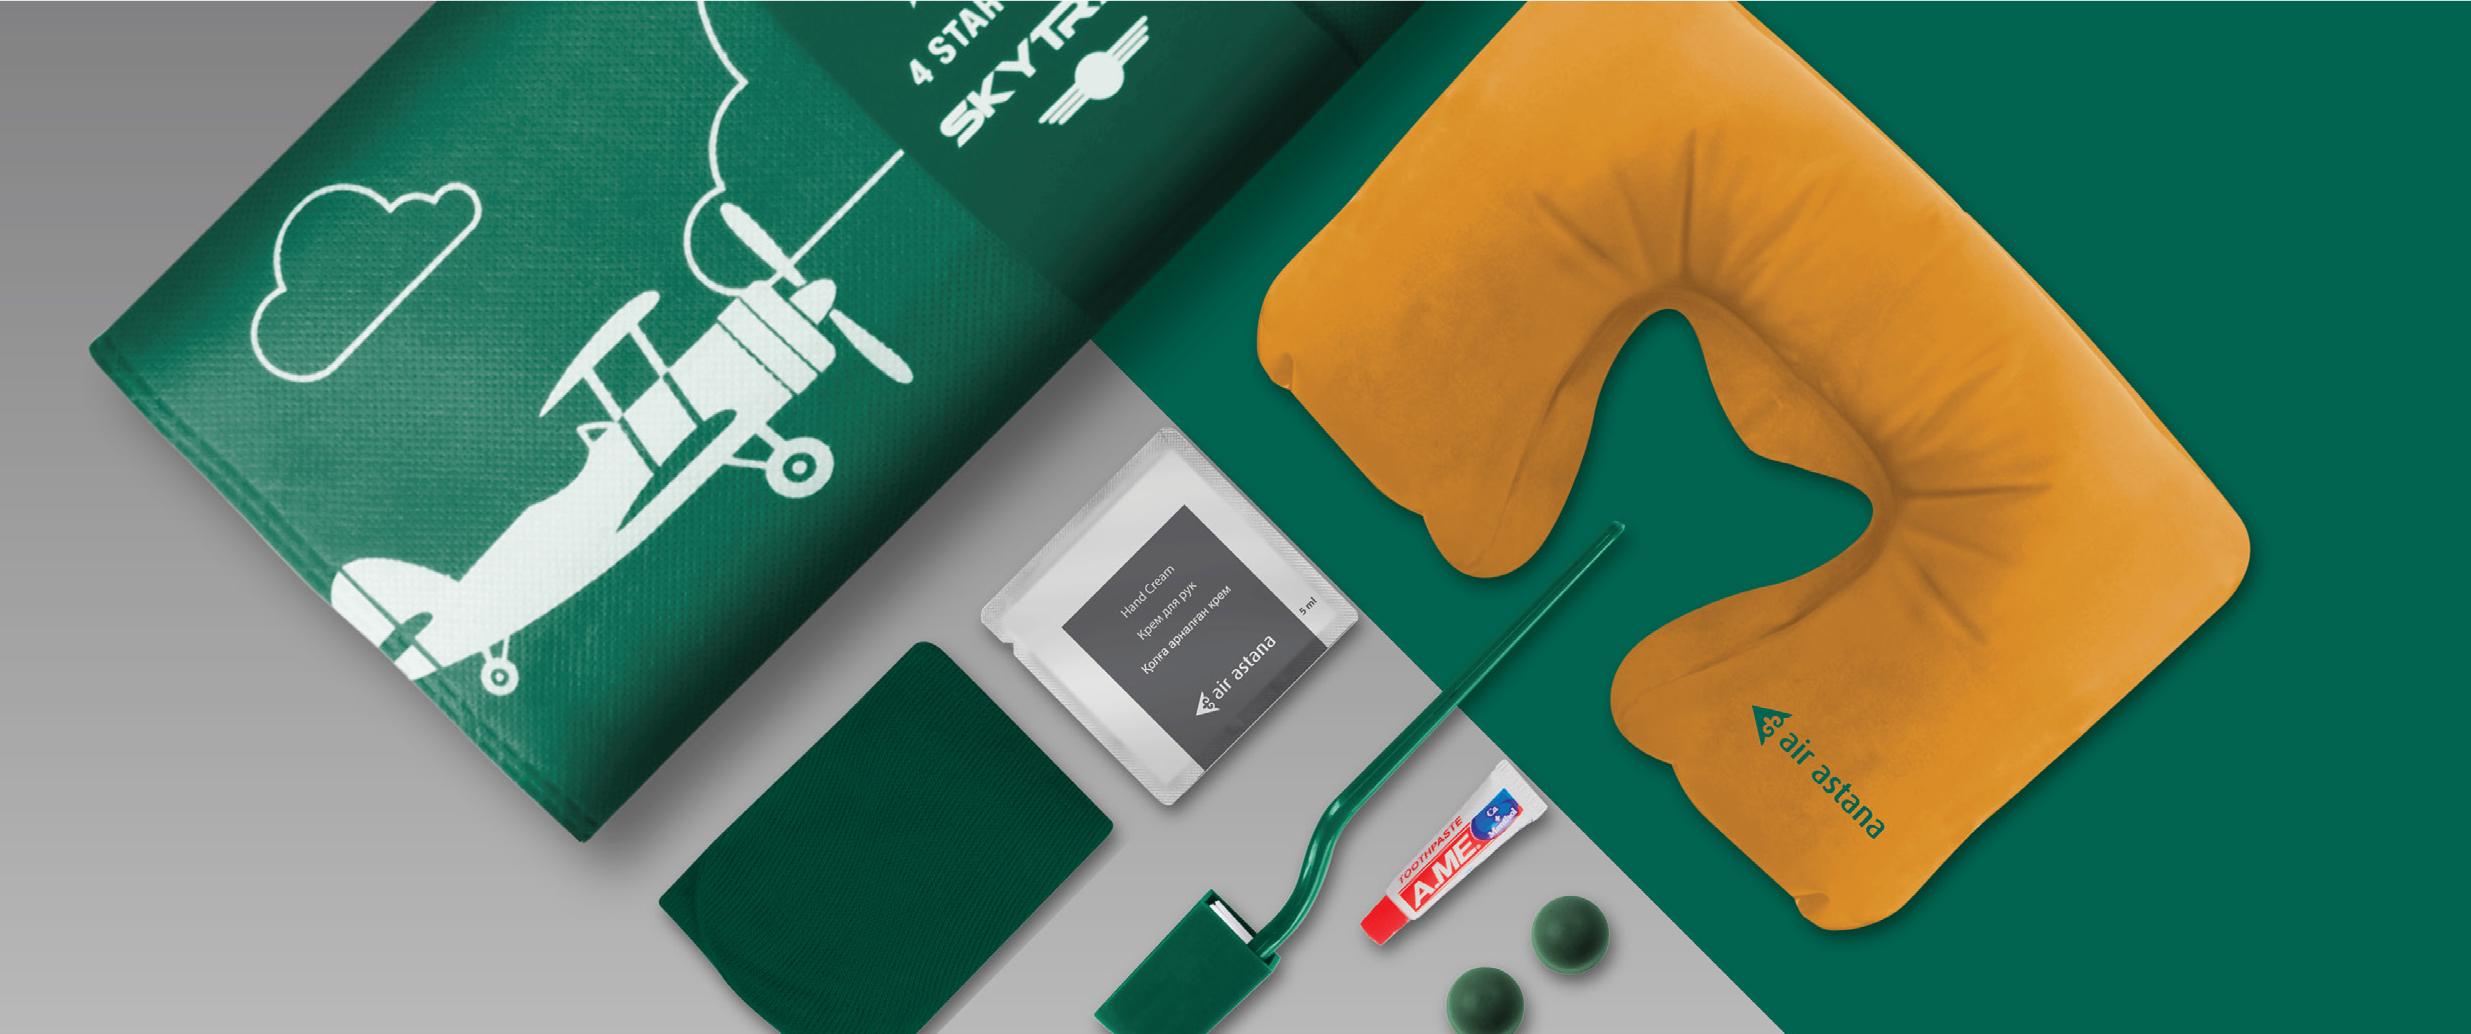 Air Astana Amenity Kit Kaelis